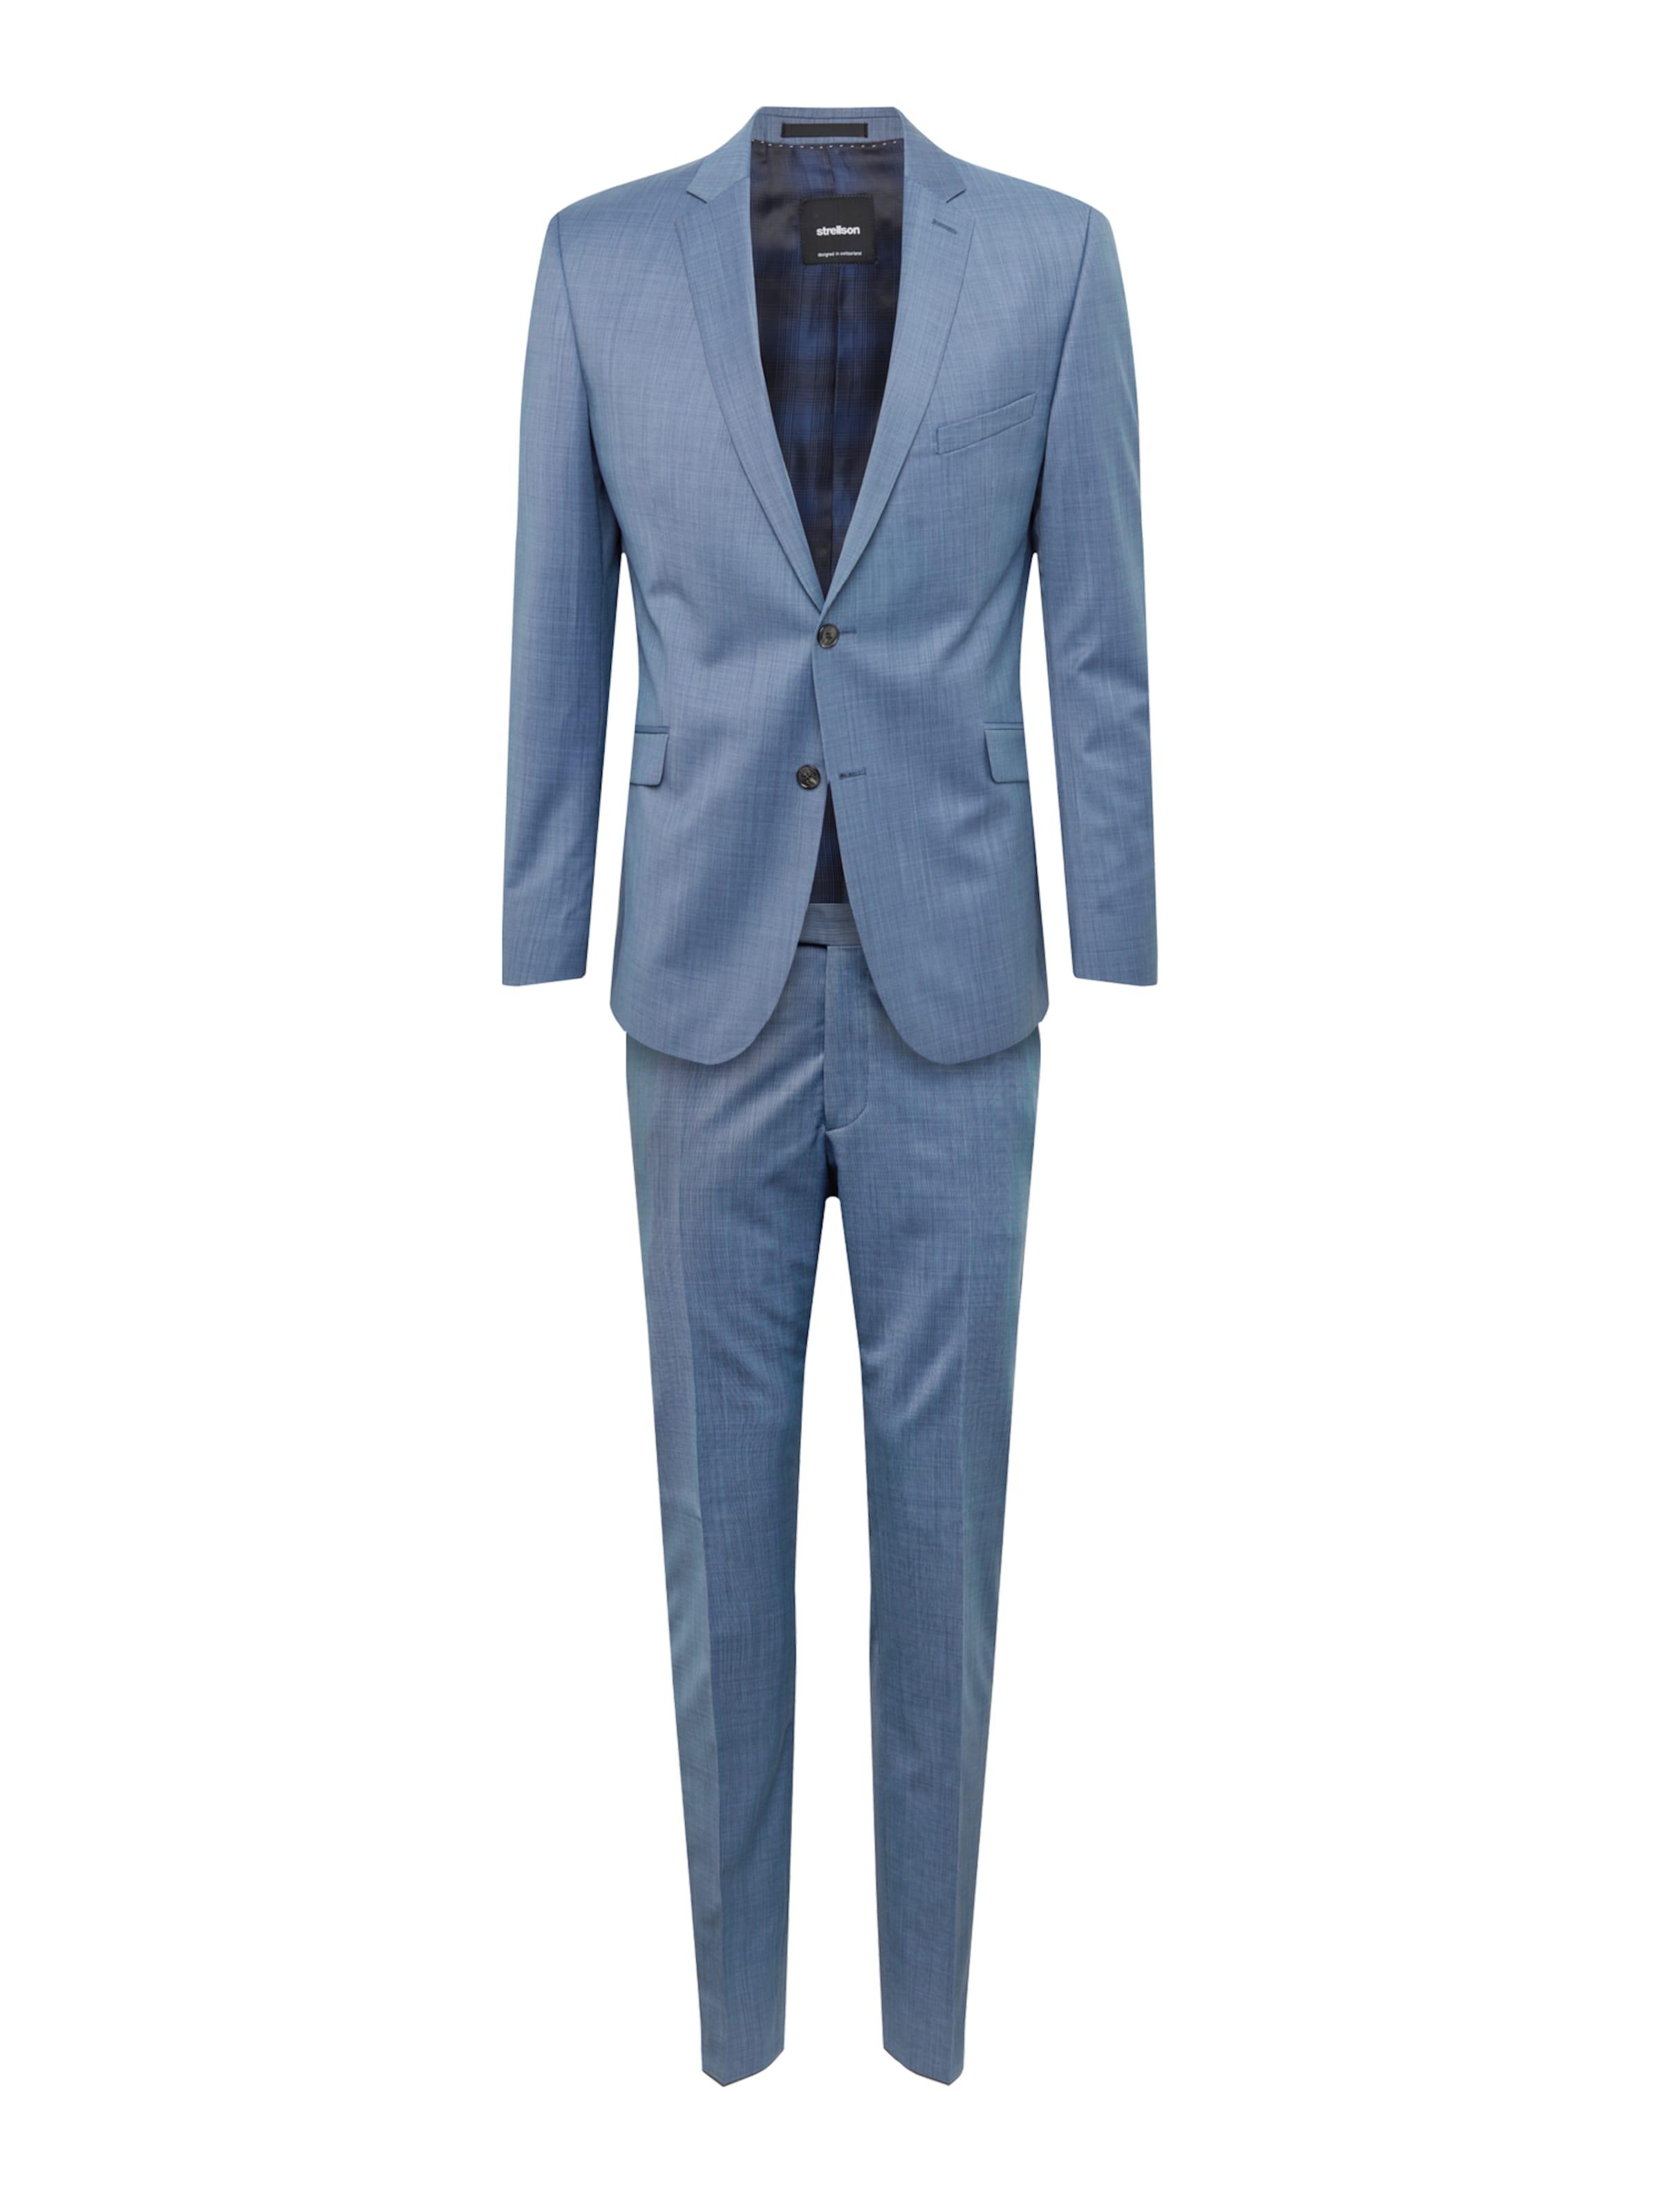 Costume En Costume Strellson Strellson En Bleu 8wNnOvm0